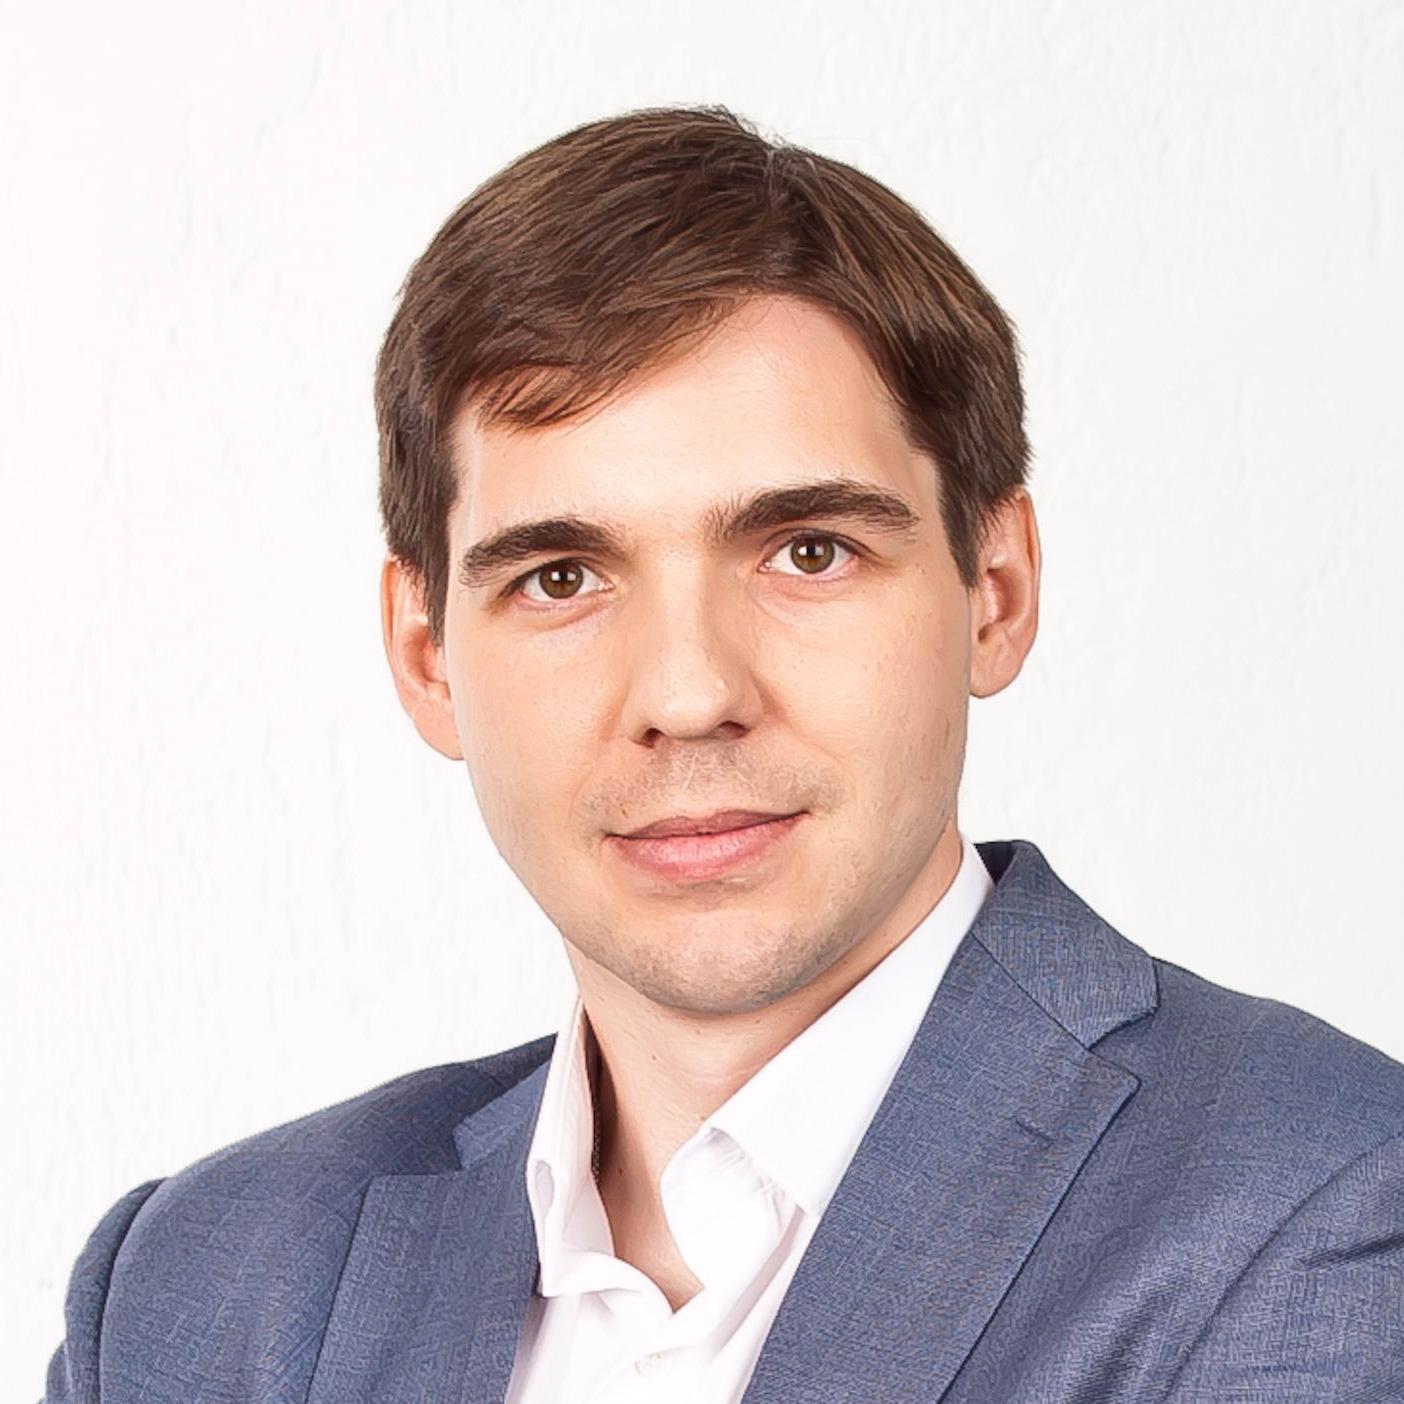 Vyacheslav Gordeev